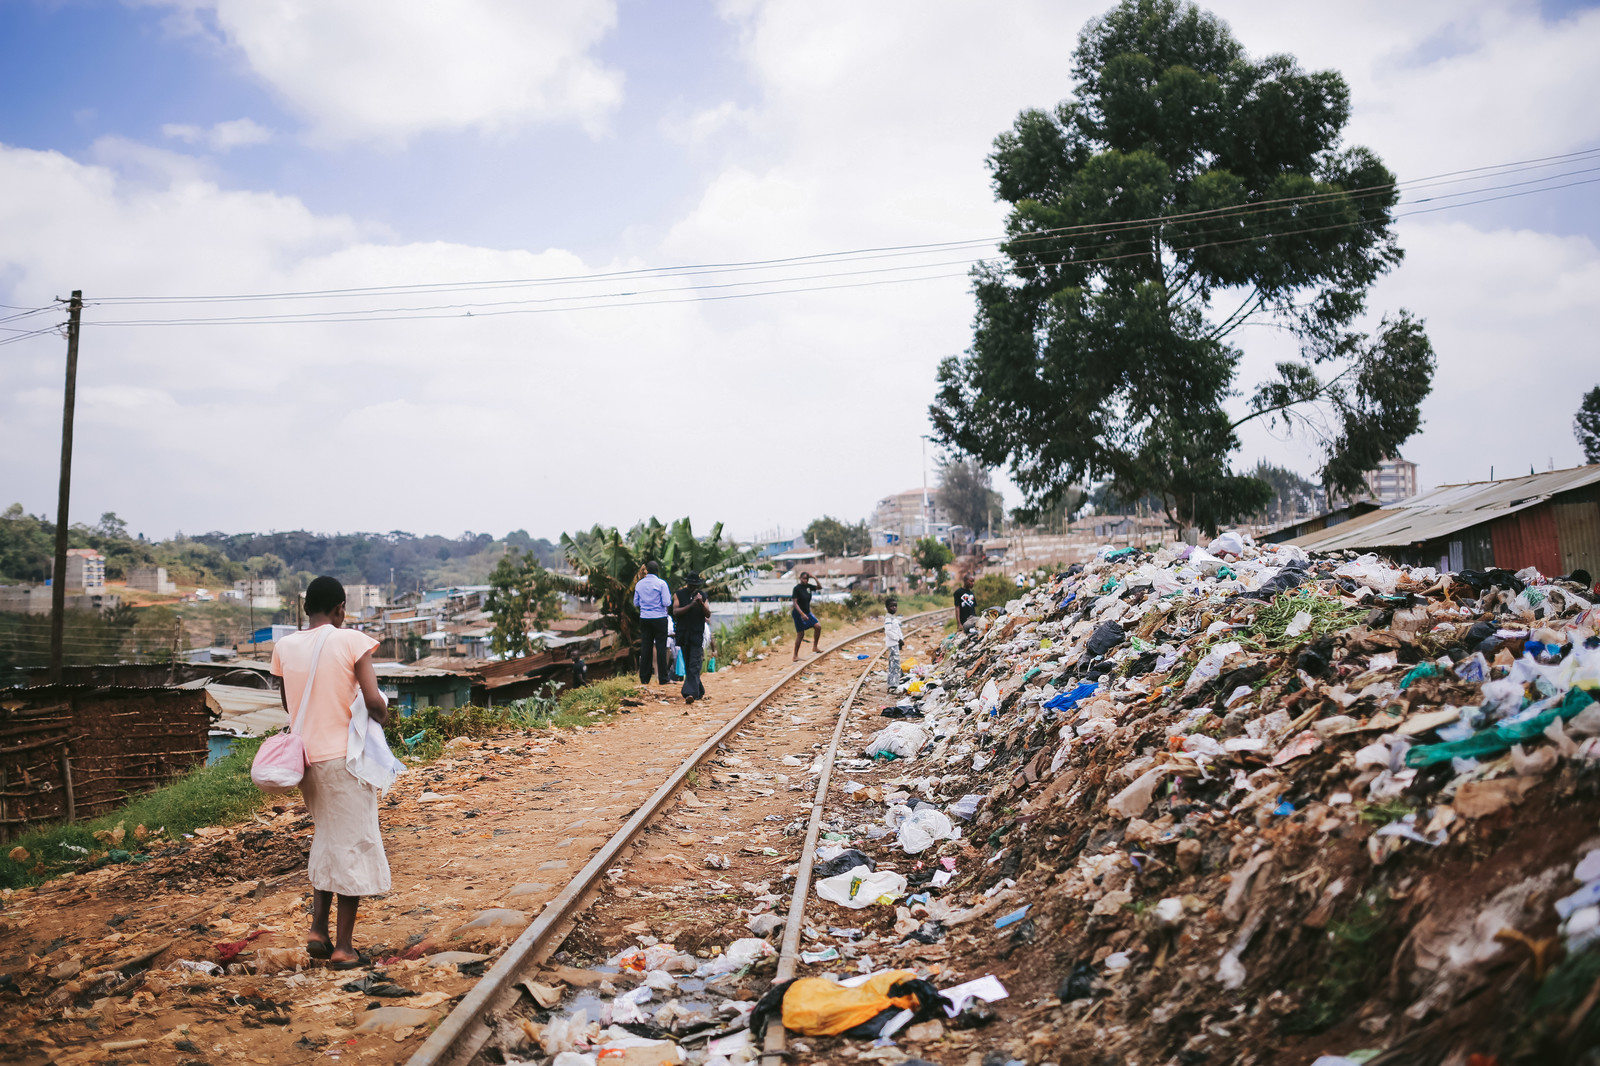 「ゴミが散乱するケニアのスラム街ゴミが散乱するケニアのスラム街」のフリー写真素材を拡大